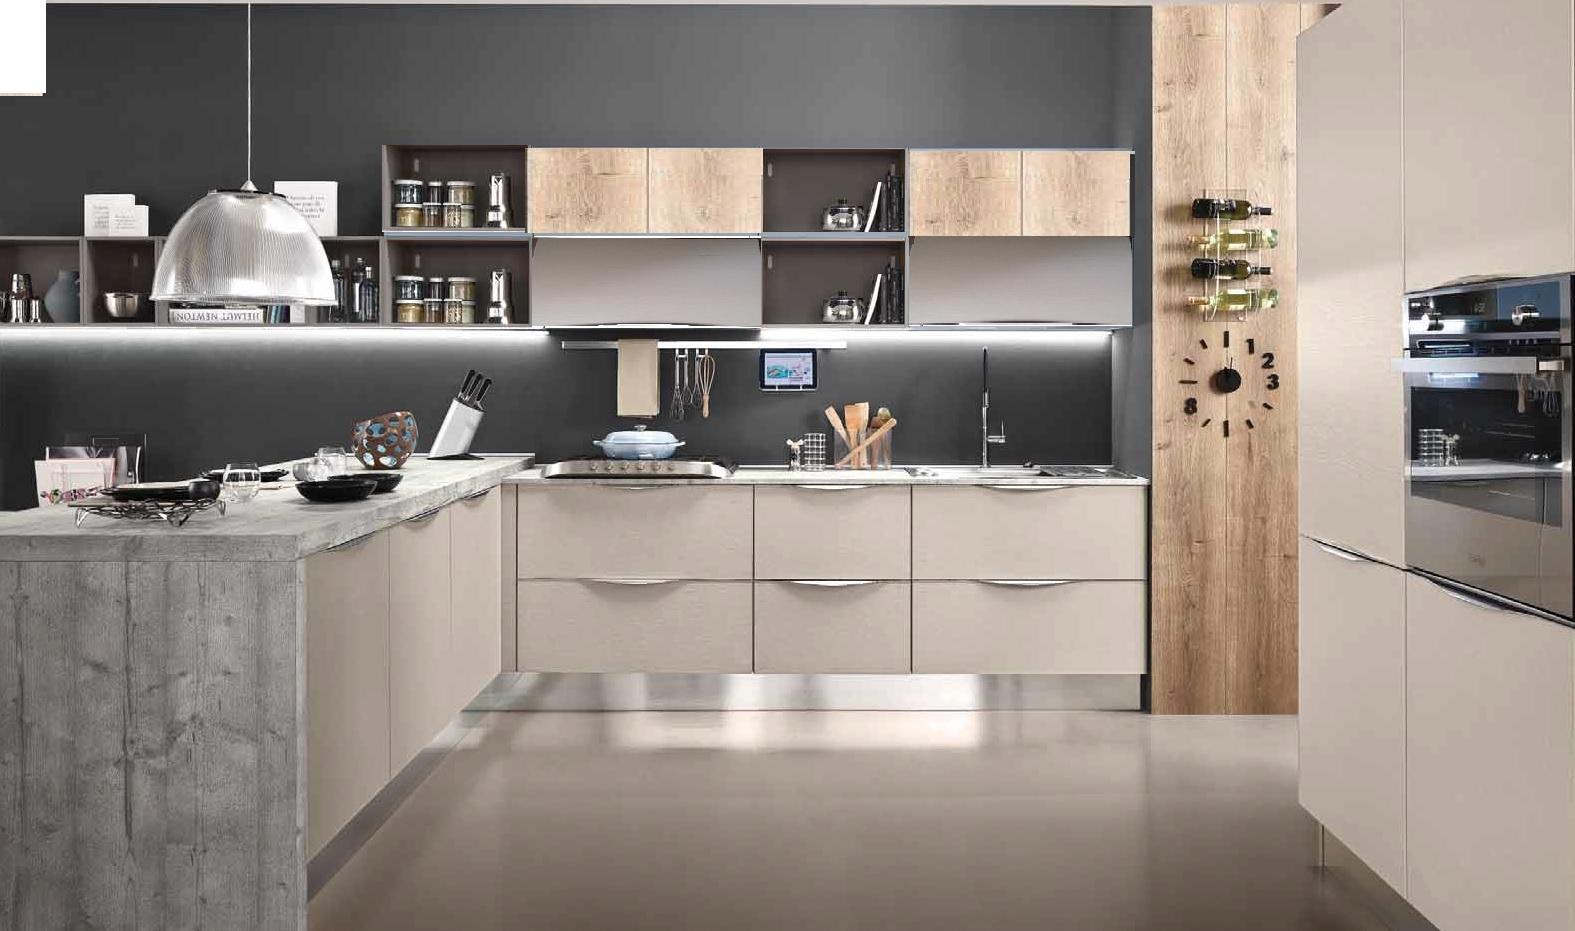 Illuminazione Cucine Moderne Ideas - harrop.us - harrop.us